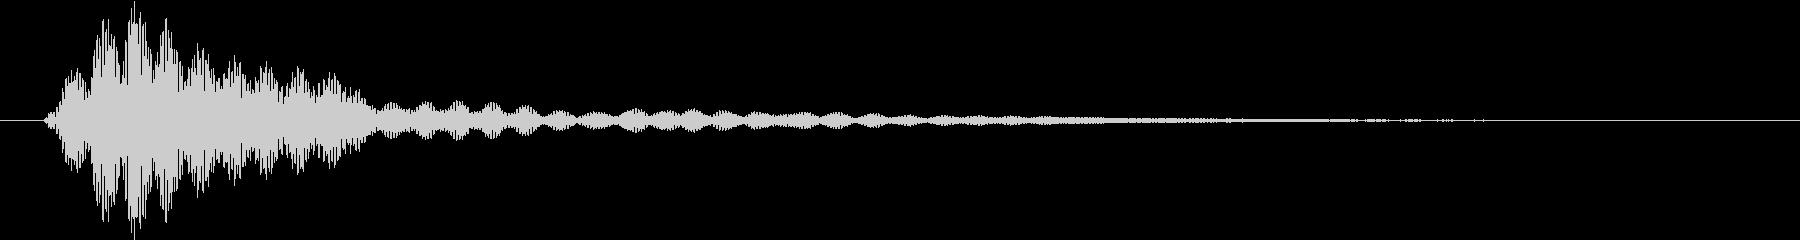 ピ(短いボタン音)の未再生の波形